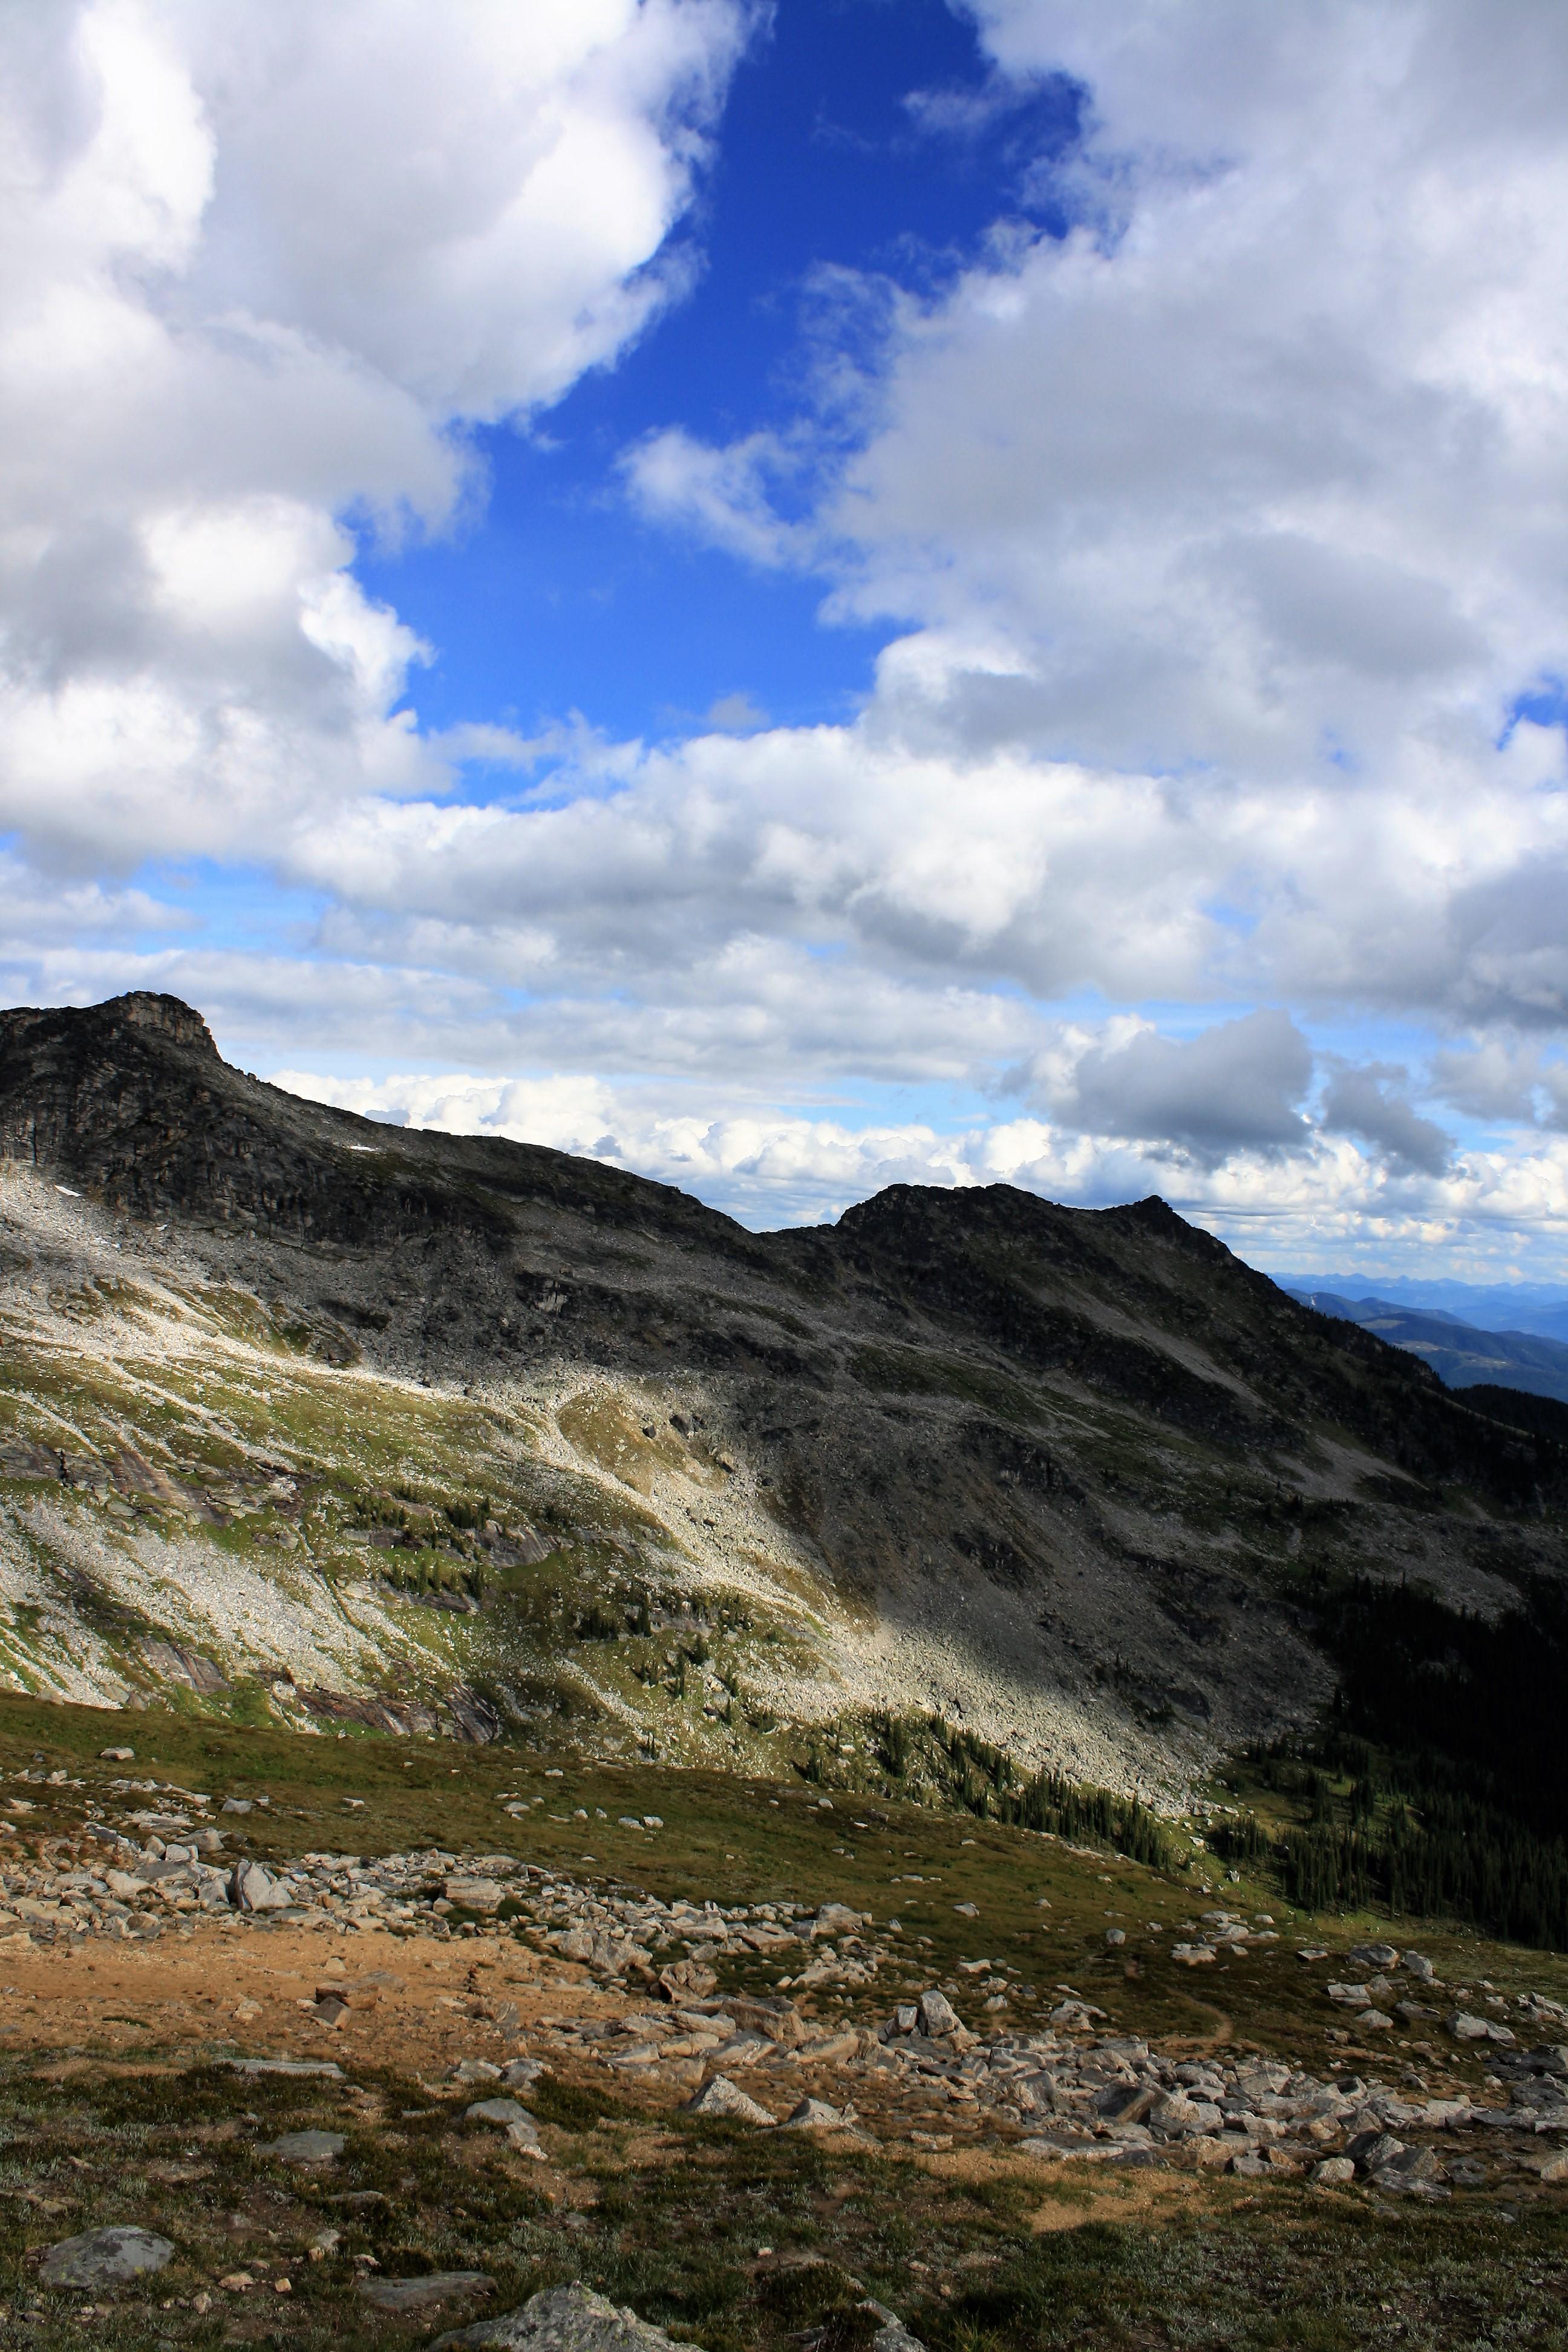 DM_nature_landscape_gimliparadise_0223